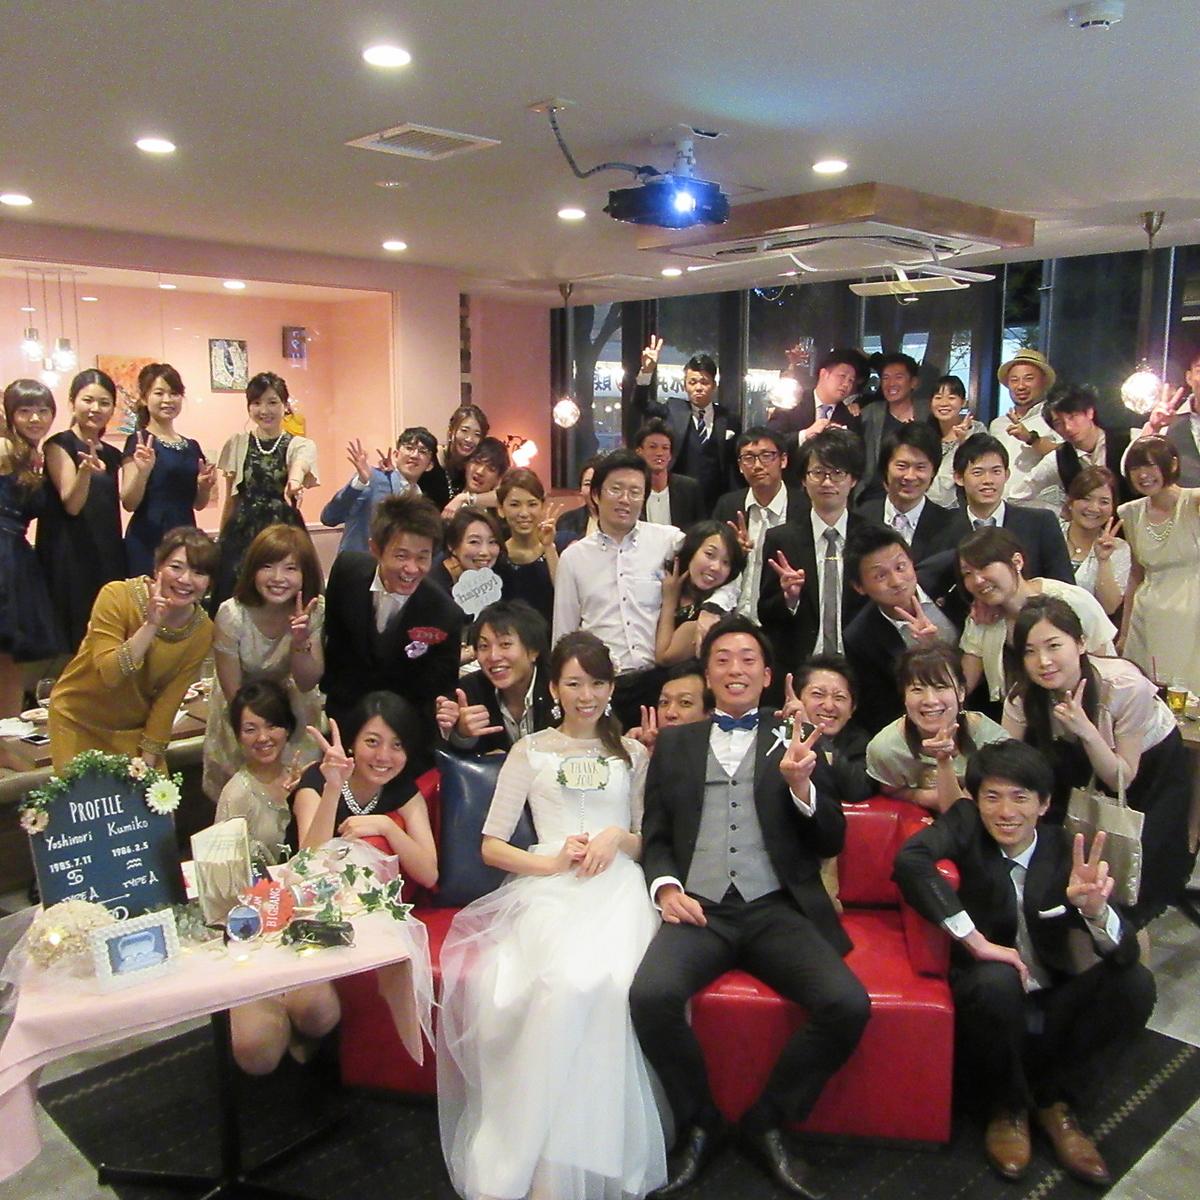 在第二次婚禮派對上受歡迎!25人~55人,最多3小時整個店舖的計劃是3道菜!4500~